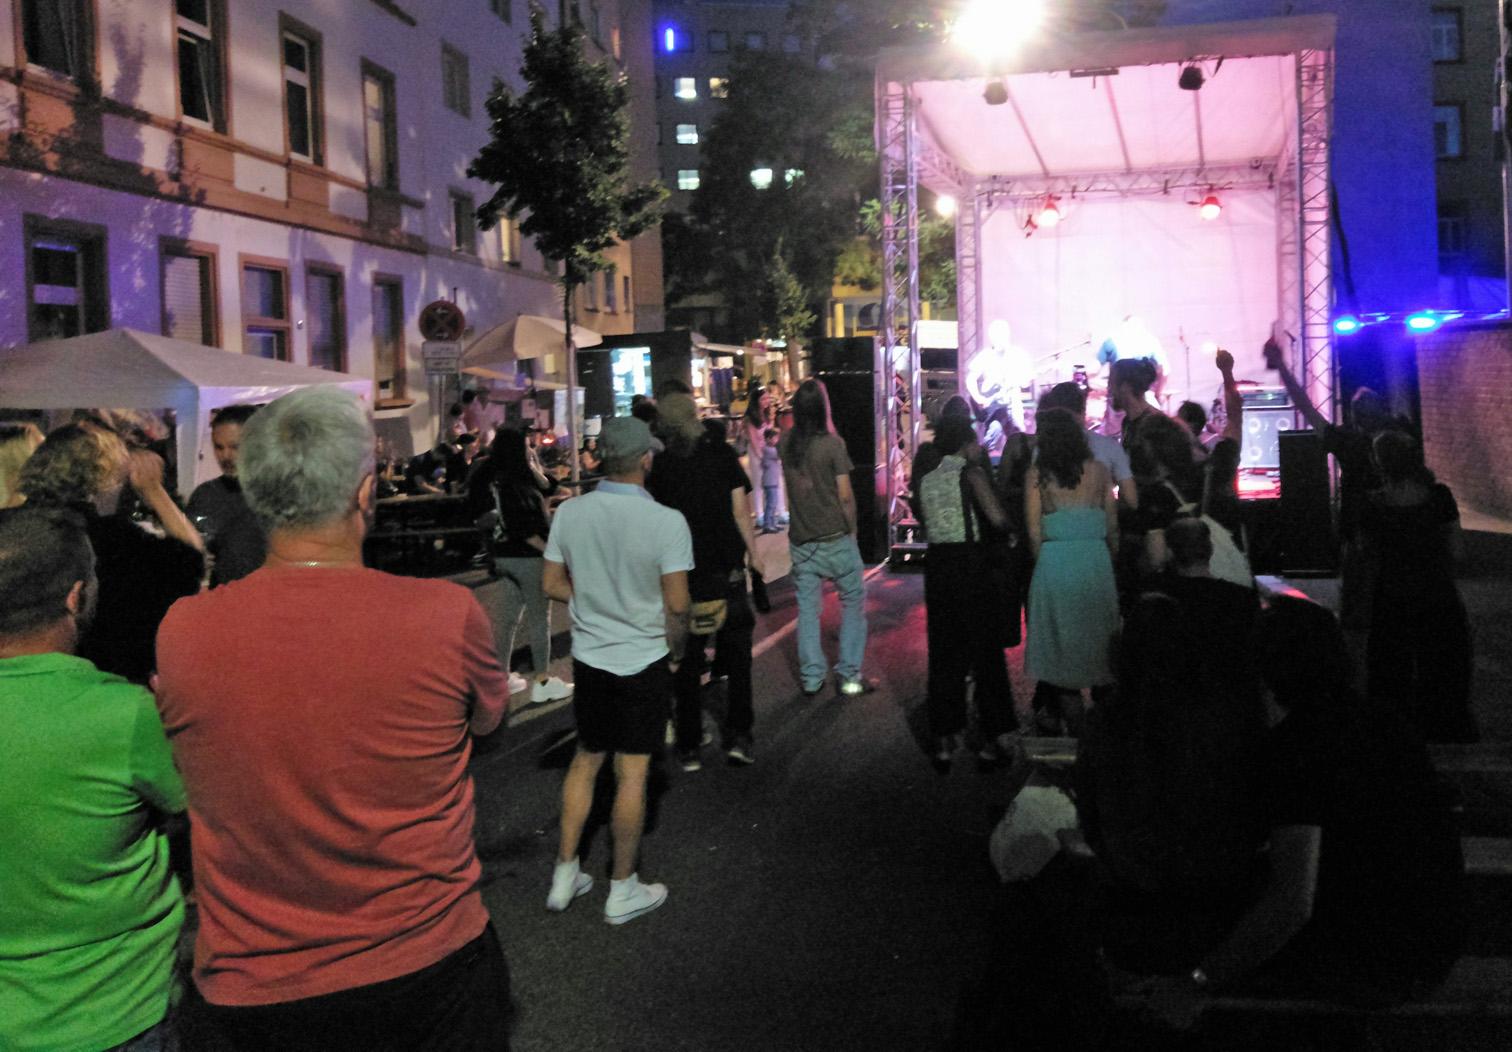 Bereich vor der hell erleuchteten Bühne in der Dämmerung. Auf der Bühne spielen Shadowpainter, vor der Bühne viele Besucher und tanzen und zuhören